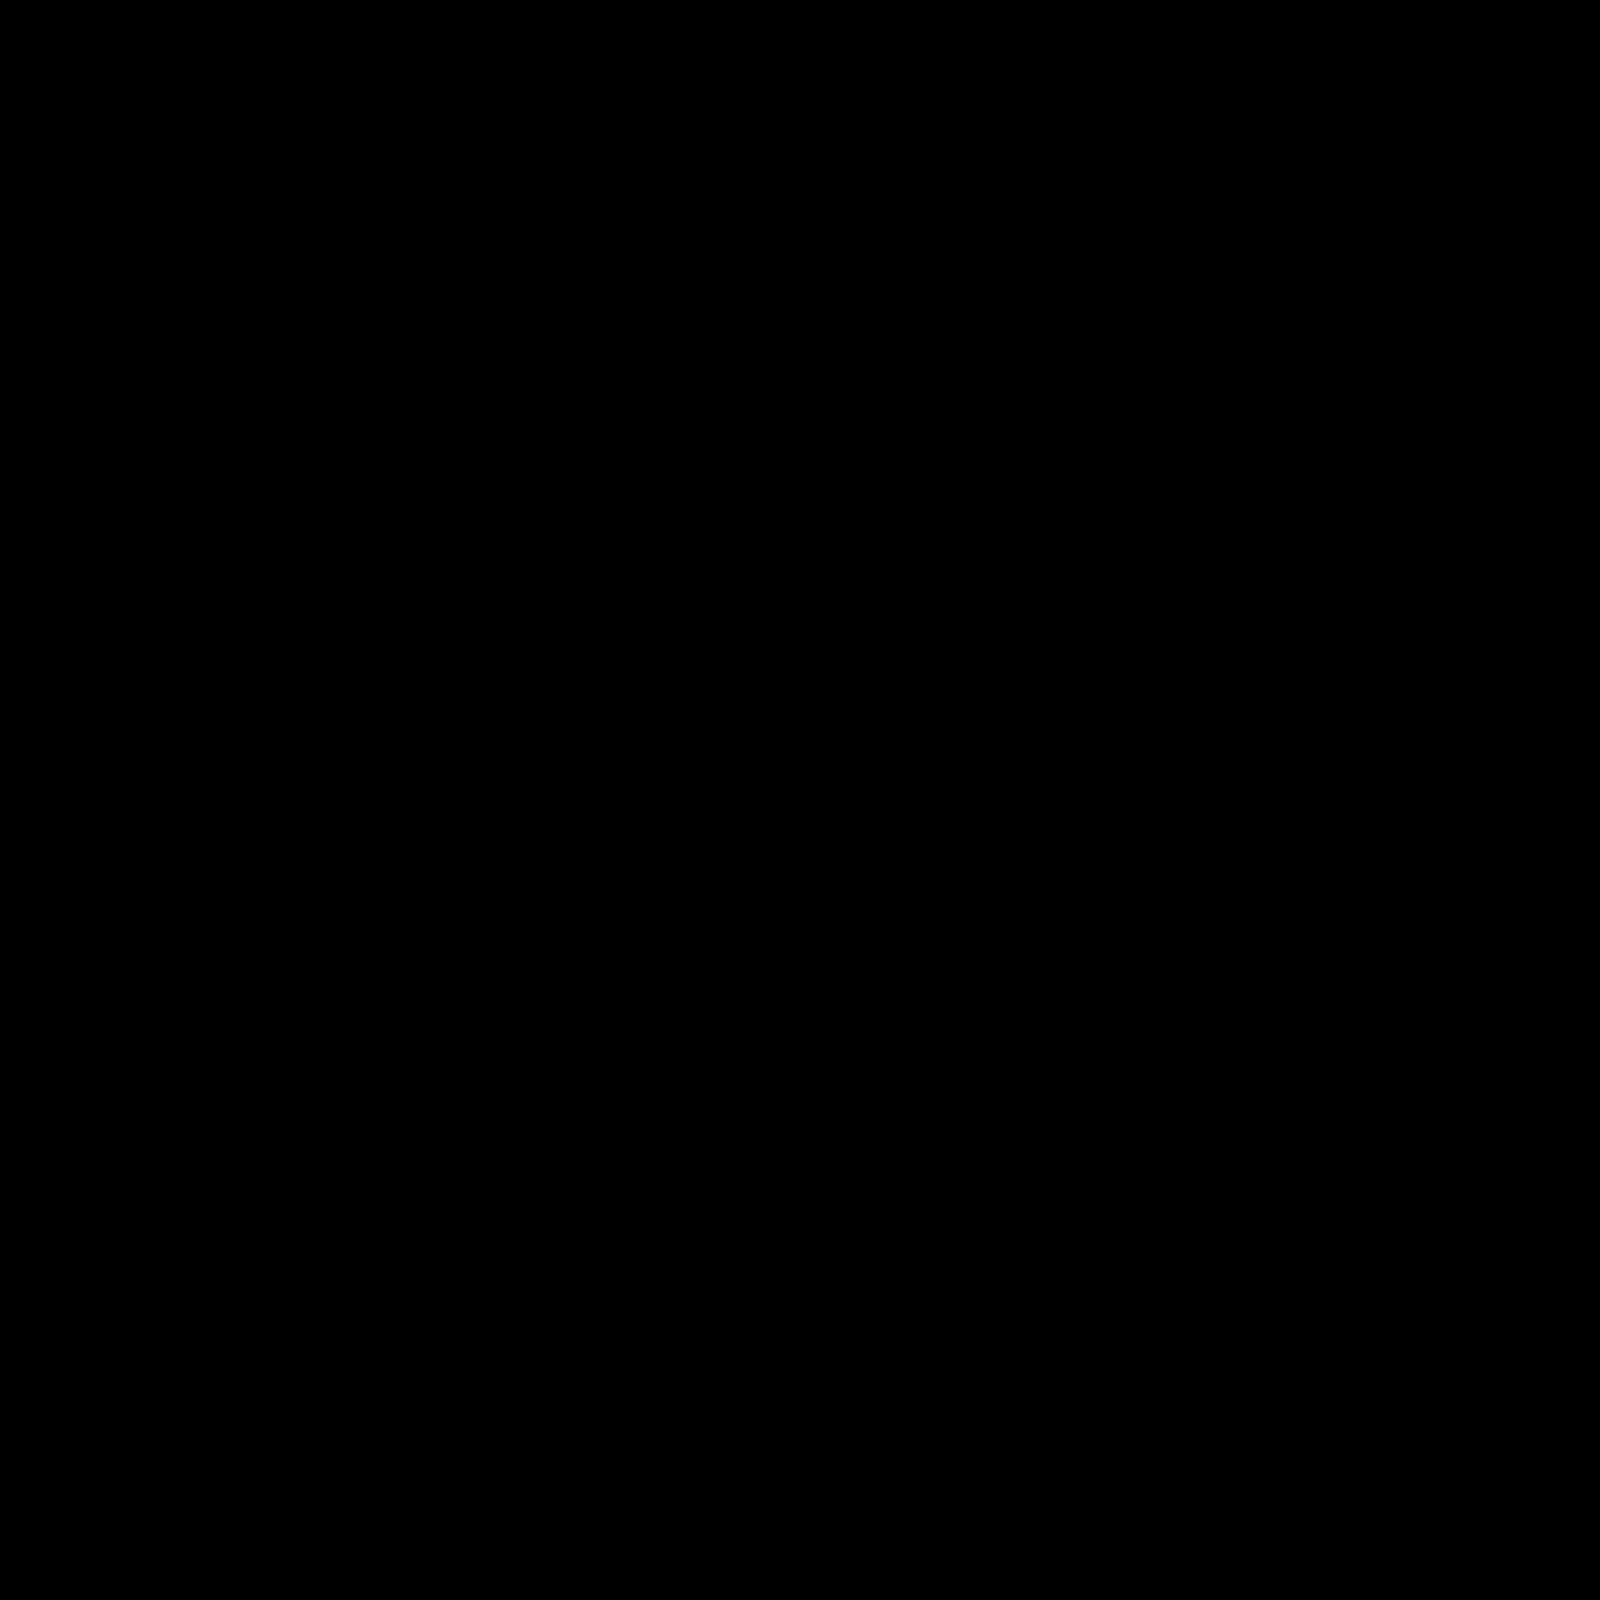 przepływ gotówki icon